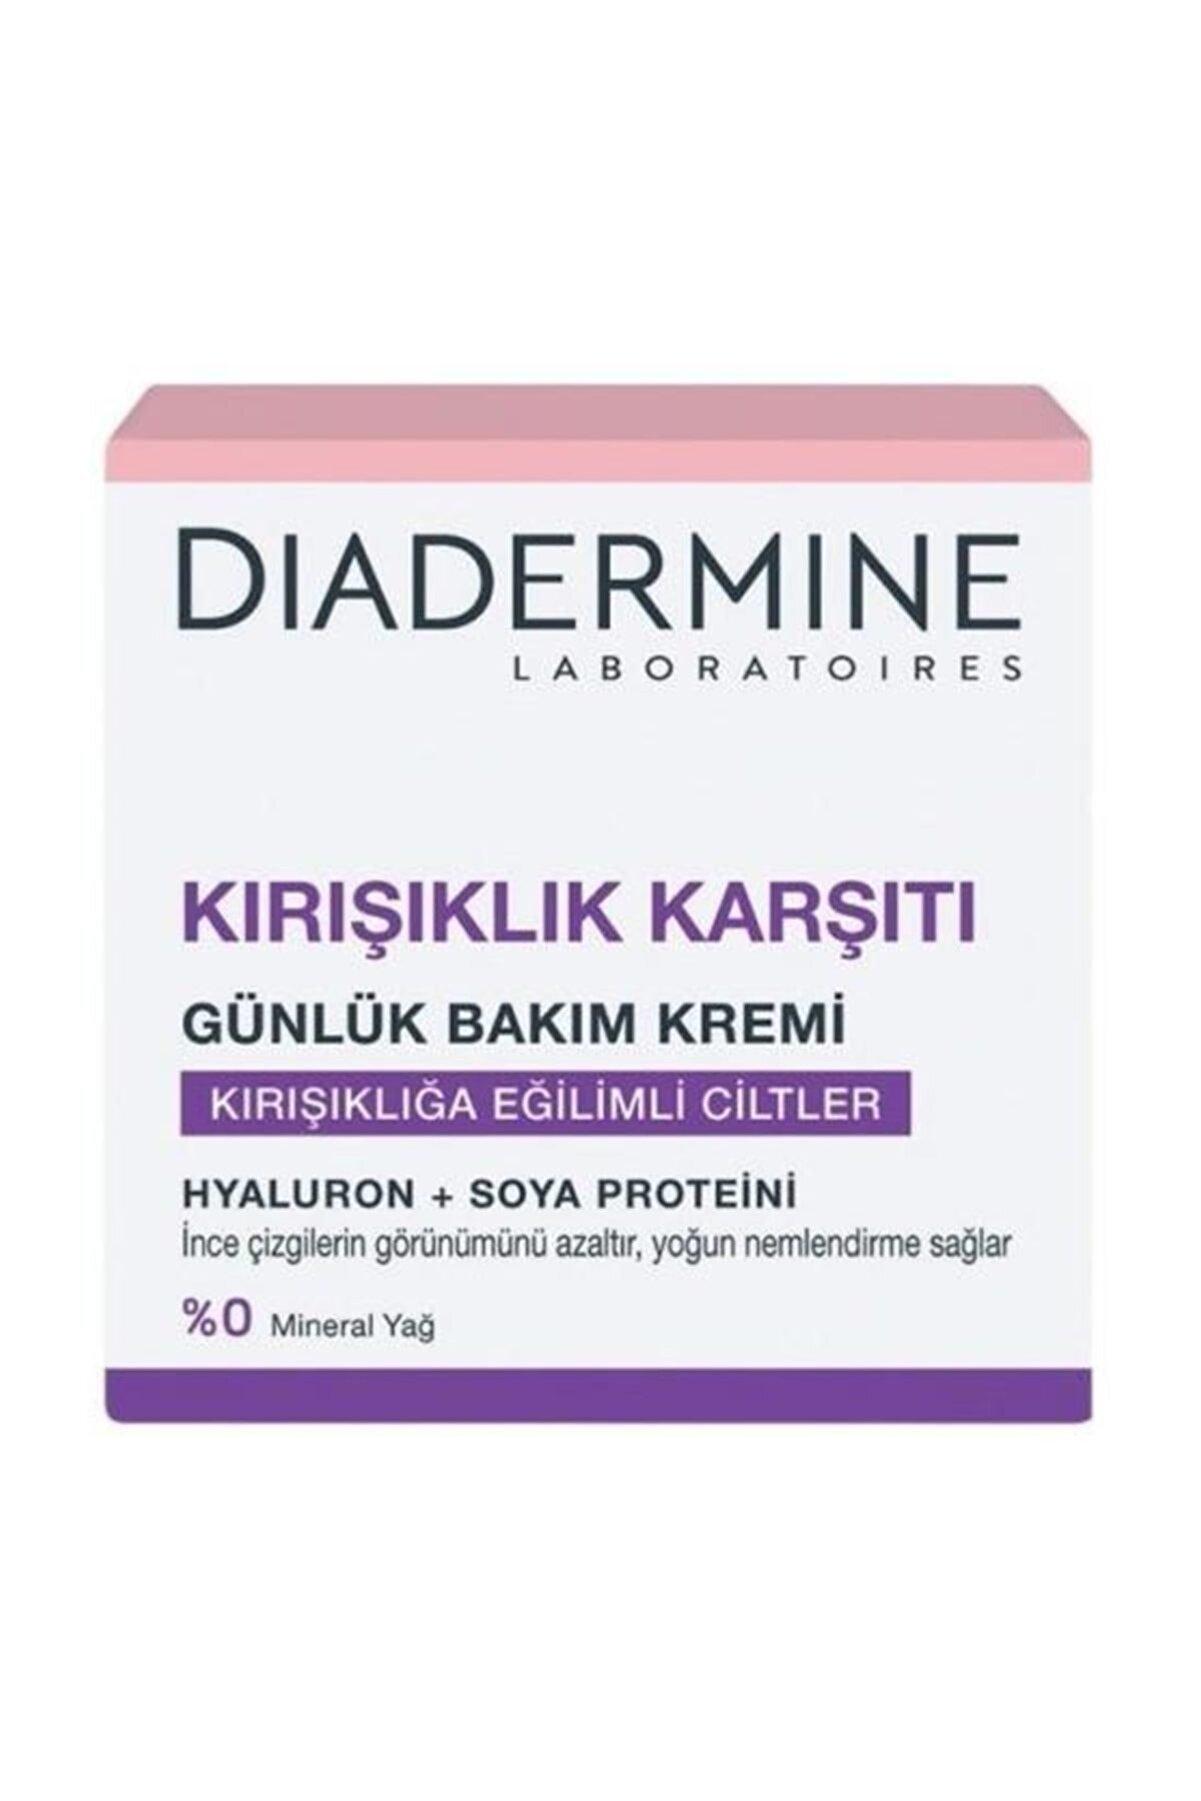 Diadermine Kırışıklık Karşıtı Bakım Kremi 50 ml